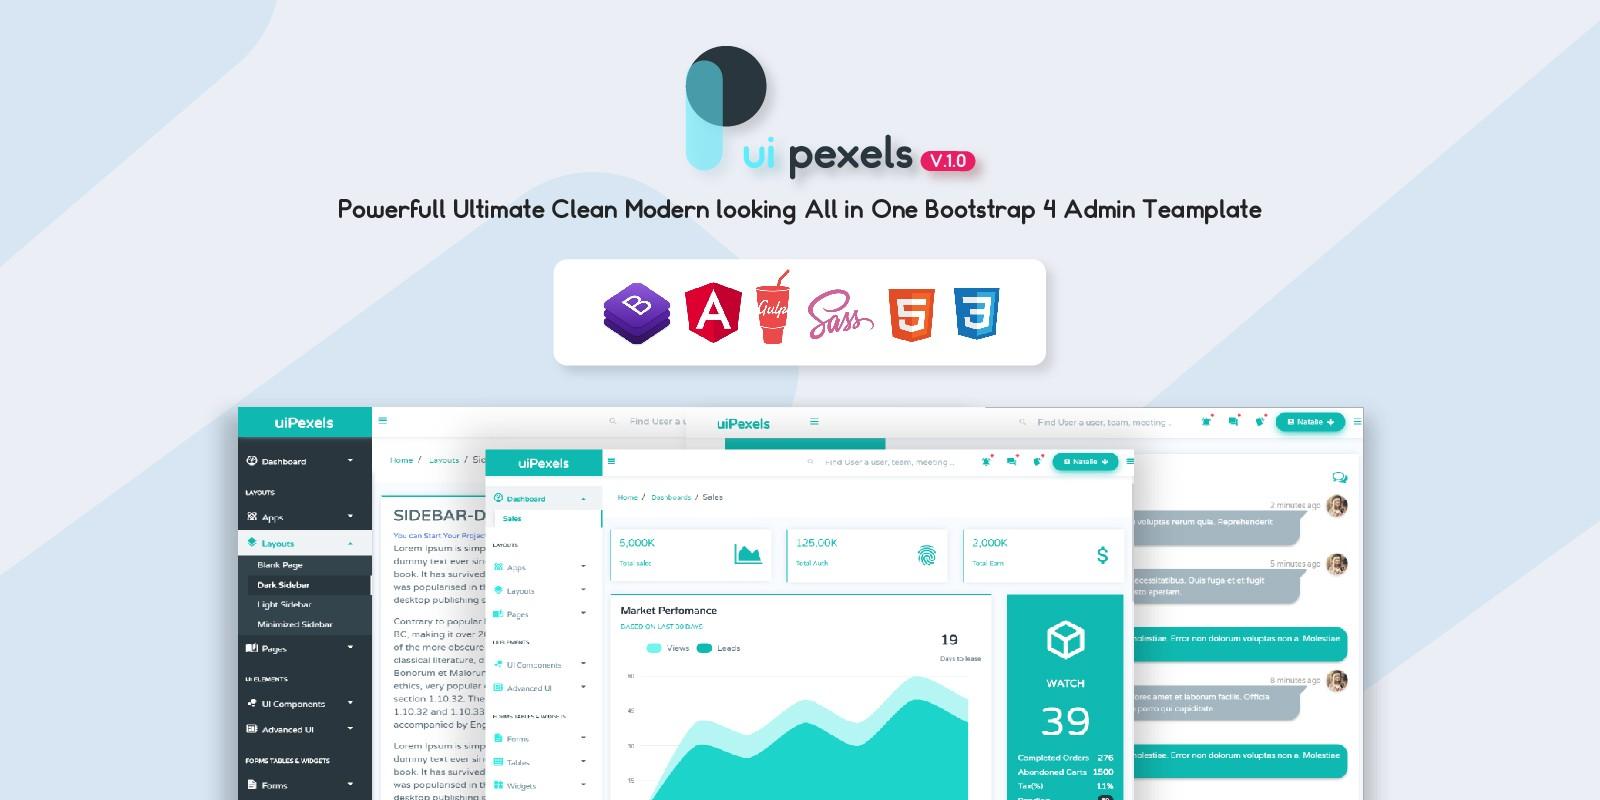 uiPexels - Bootatrap 4 Admin Template